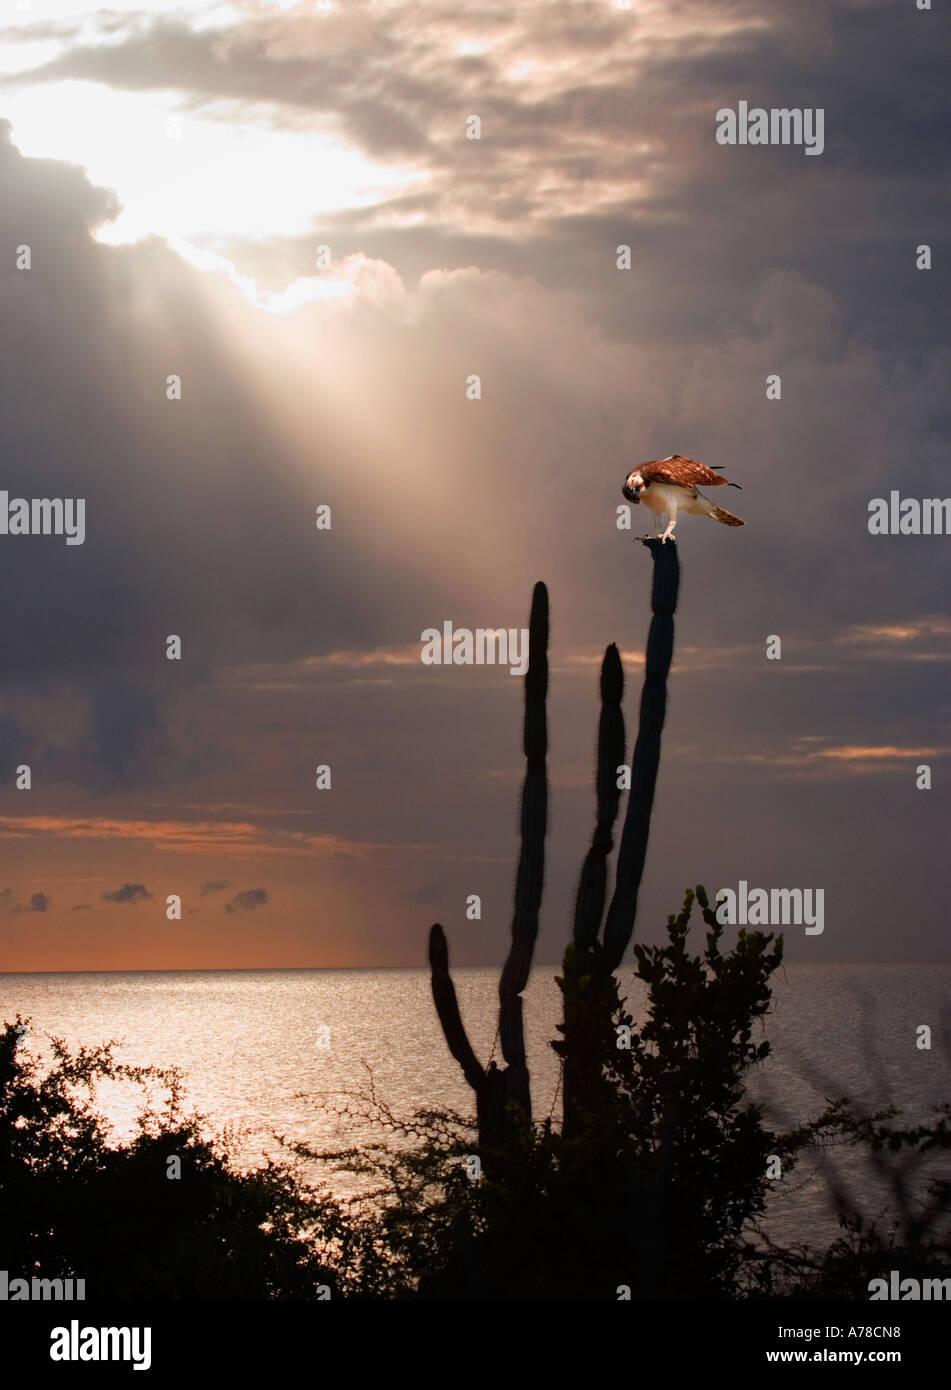 Osprey sitting on cactus during Caribbean sunset - Stock Image